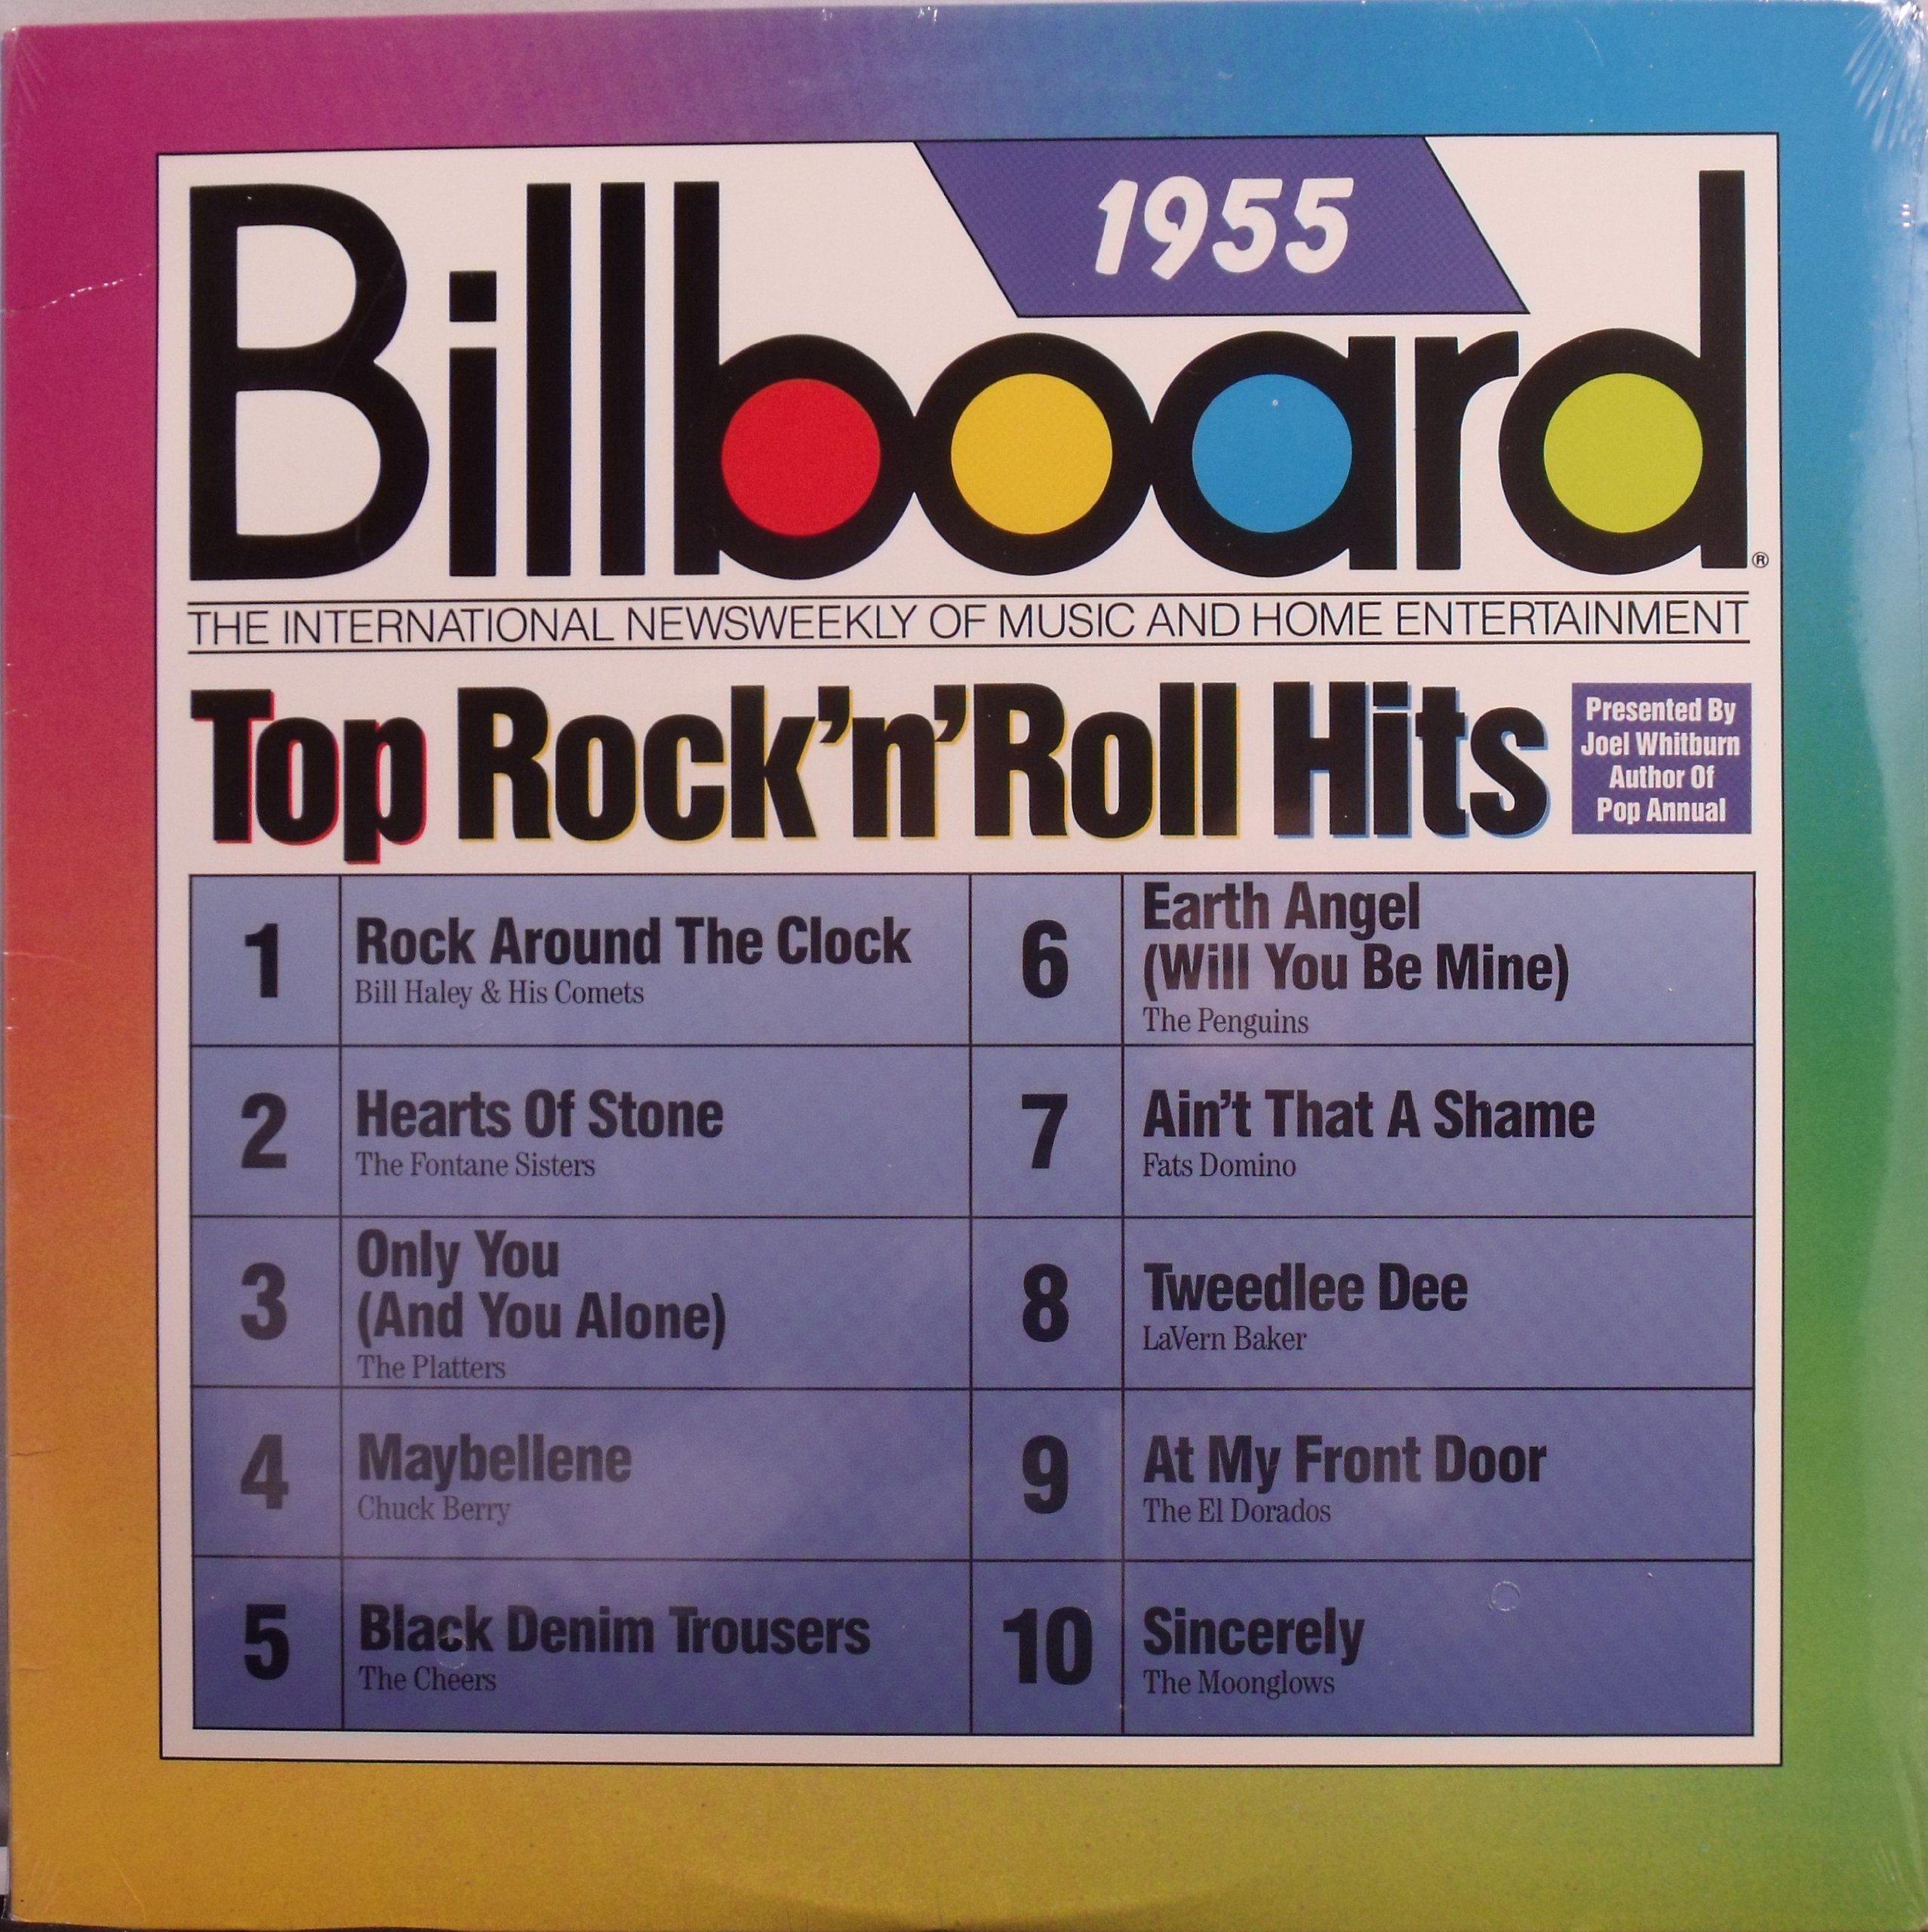 Billboard Top Rock & Roll Hits: 1955 [Vinyl] by Rhino / Wea